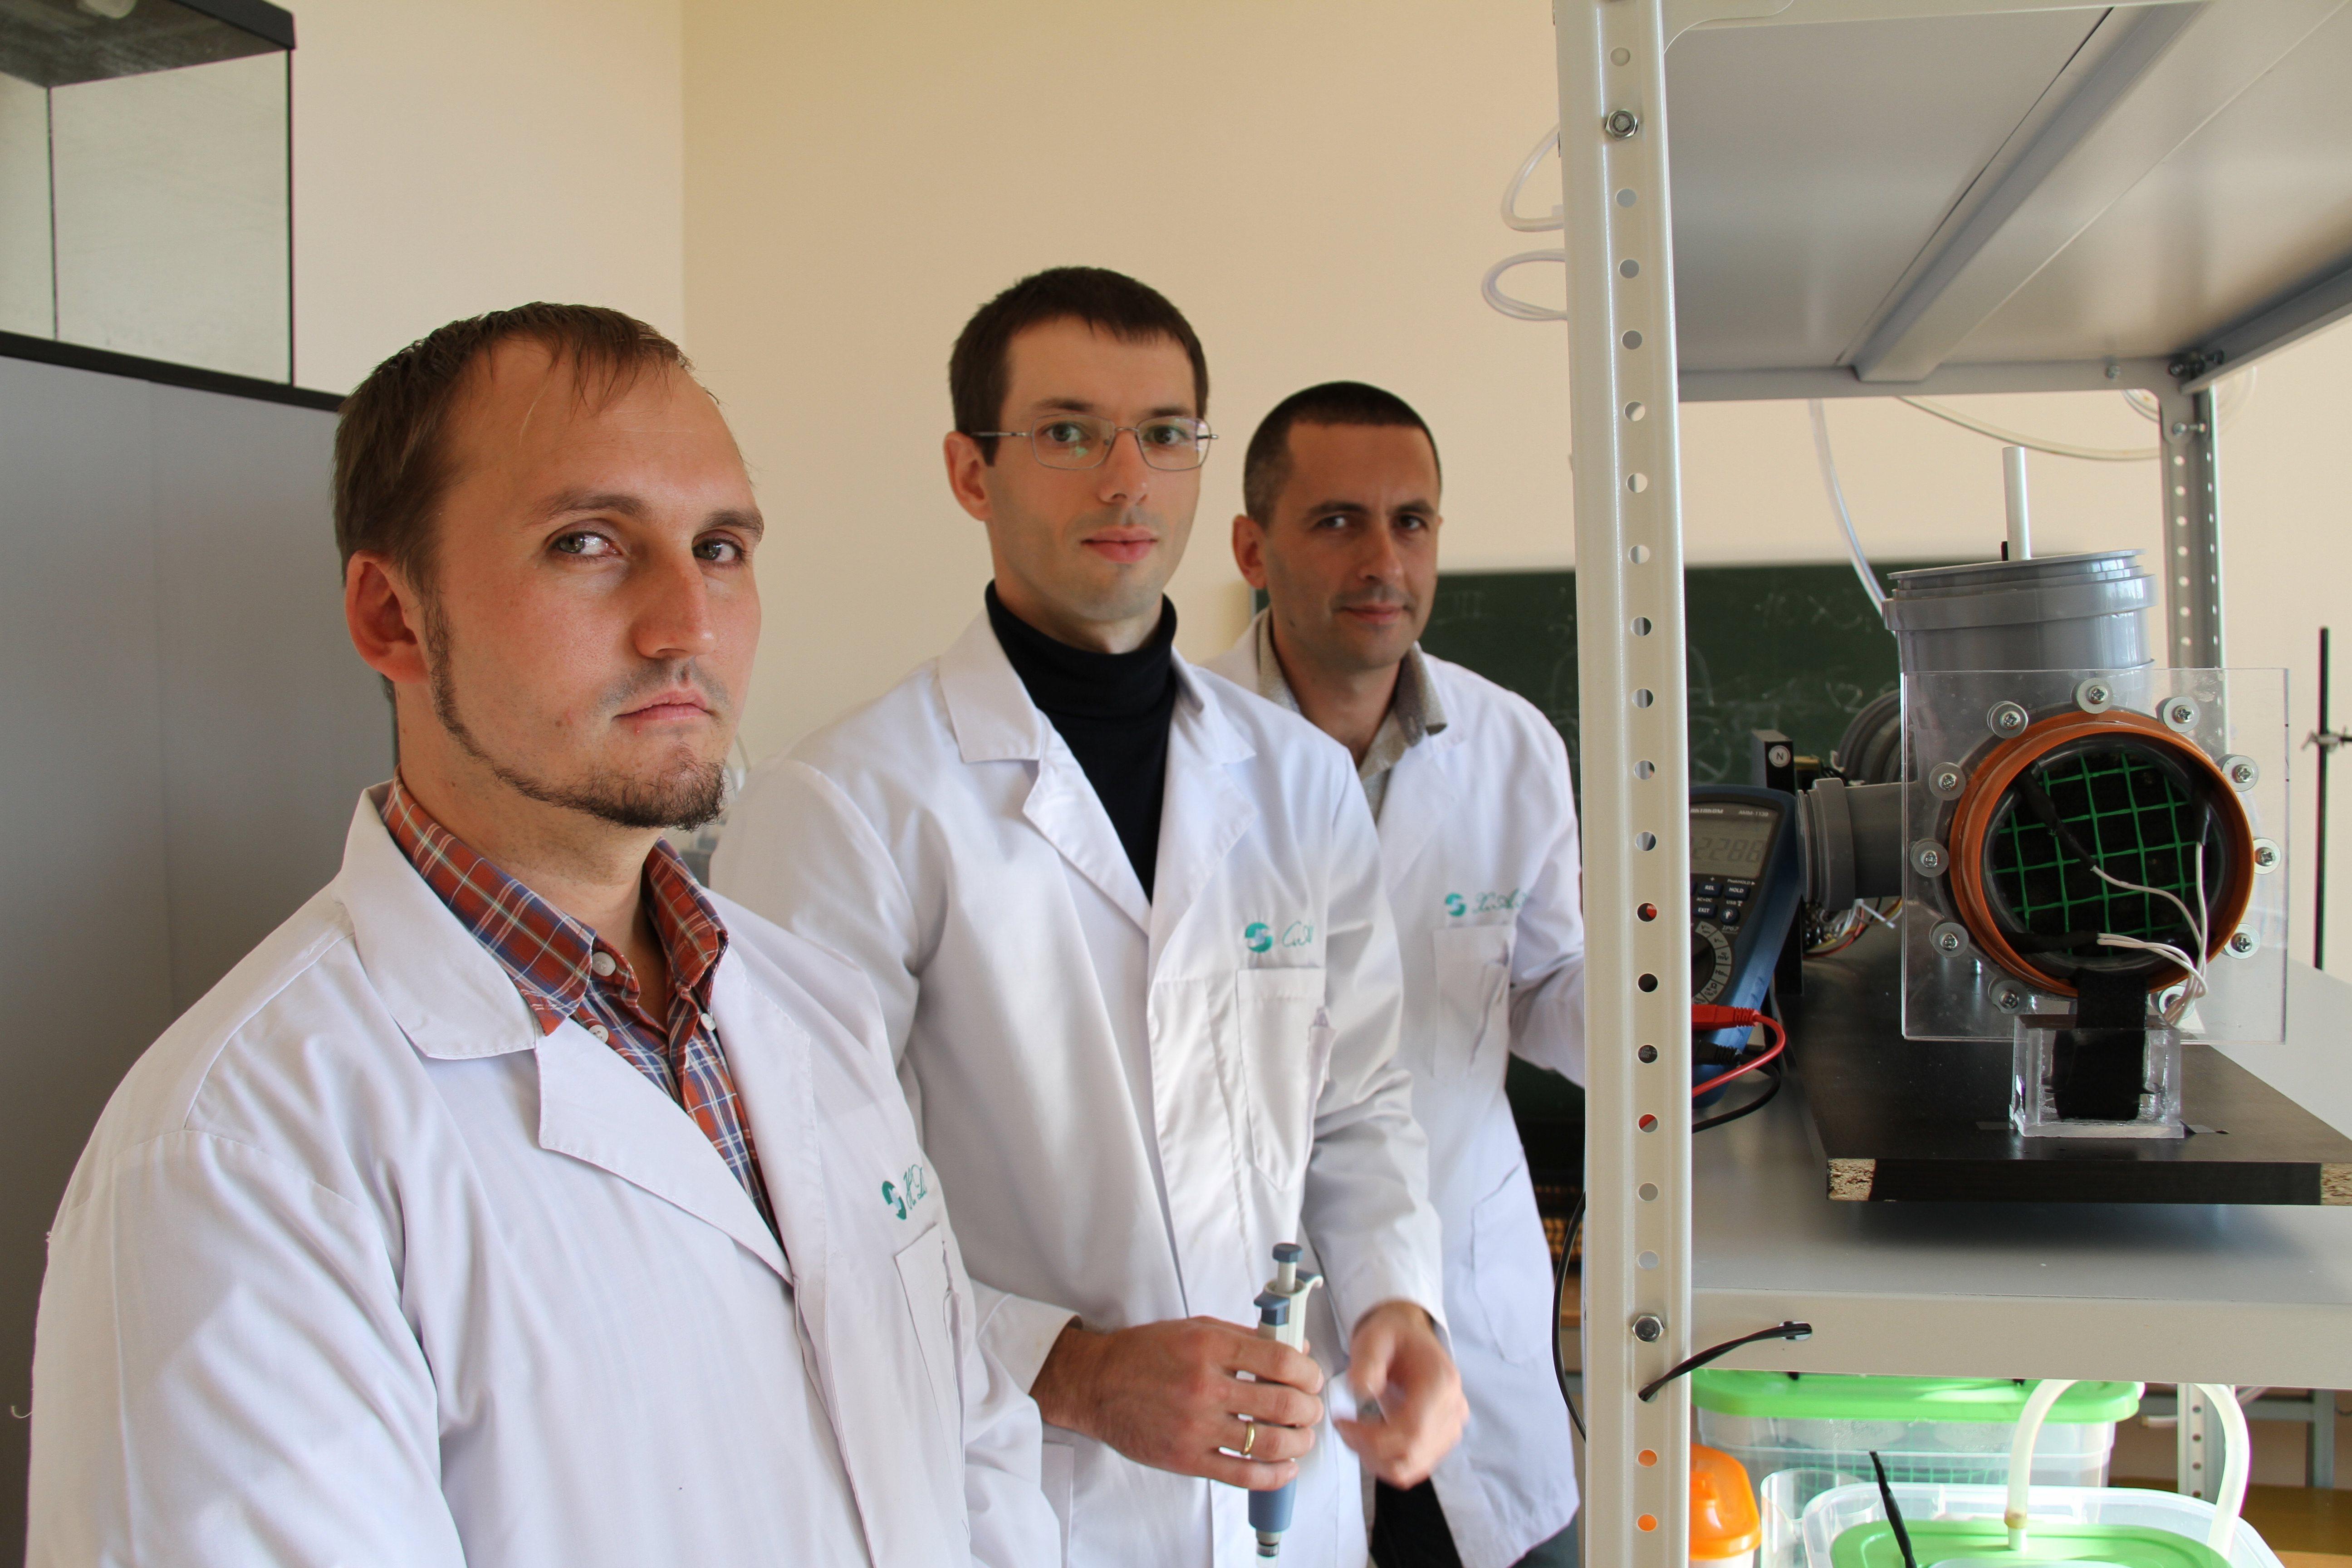 ВКраснодаре ученые получили электроэнергию издонных осадков Карасунов